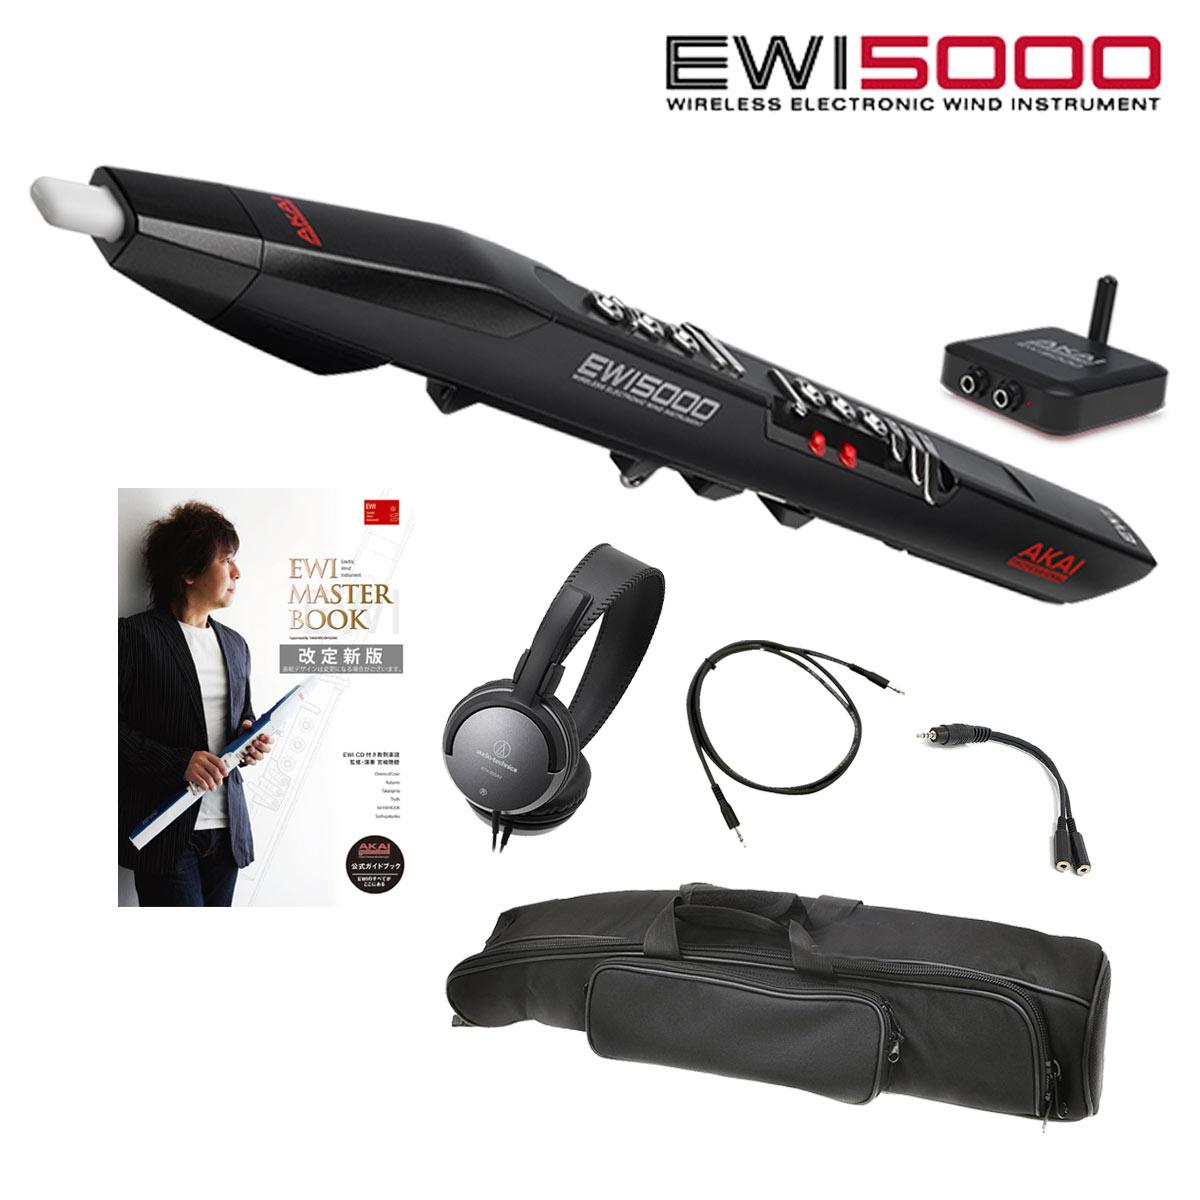 【在庫あり】AKAI / EWI5000 アカイ ウィンドシンセサイザー EWI-5000 《特別ヘッドフォンセット!》《正規品》